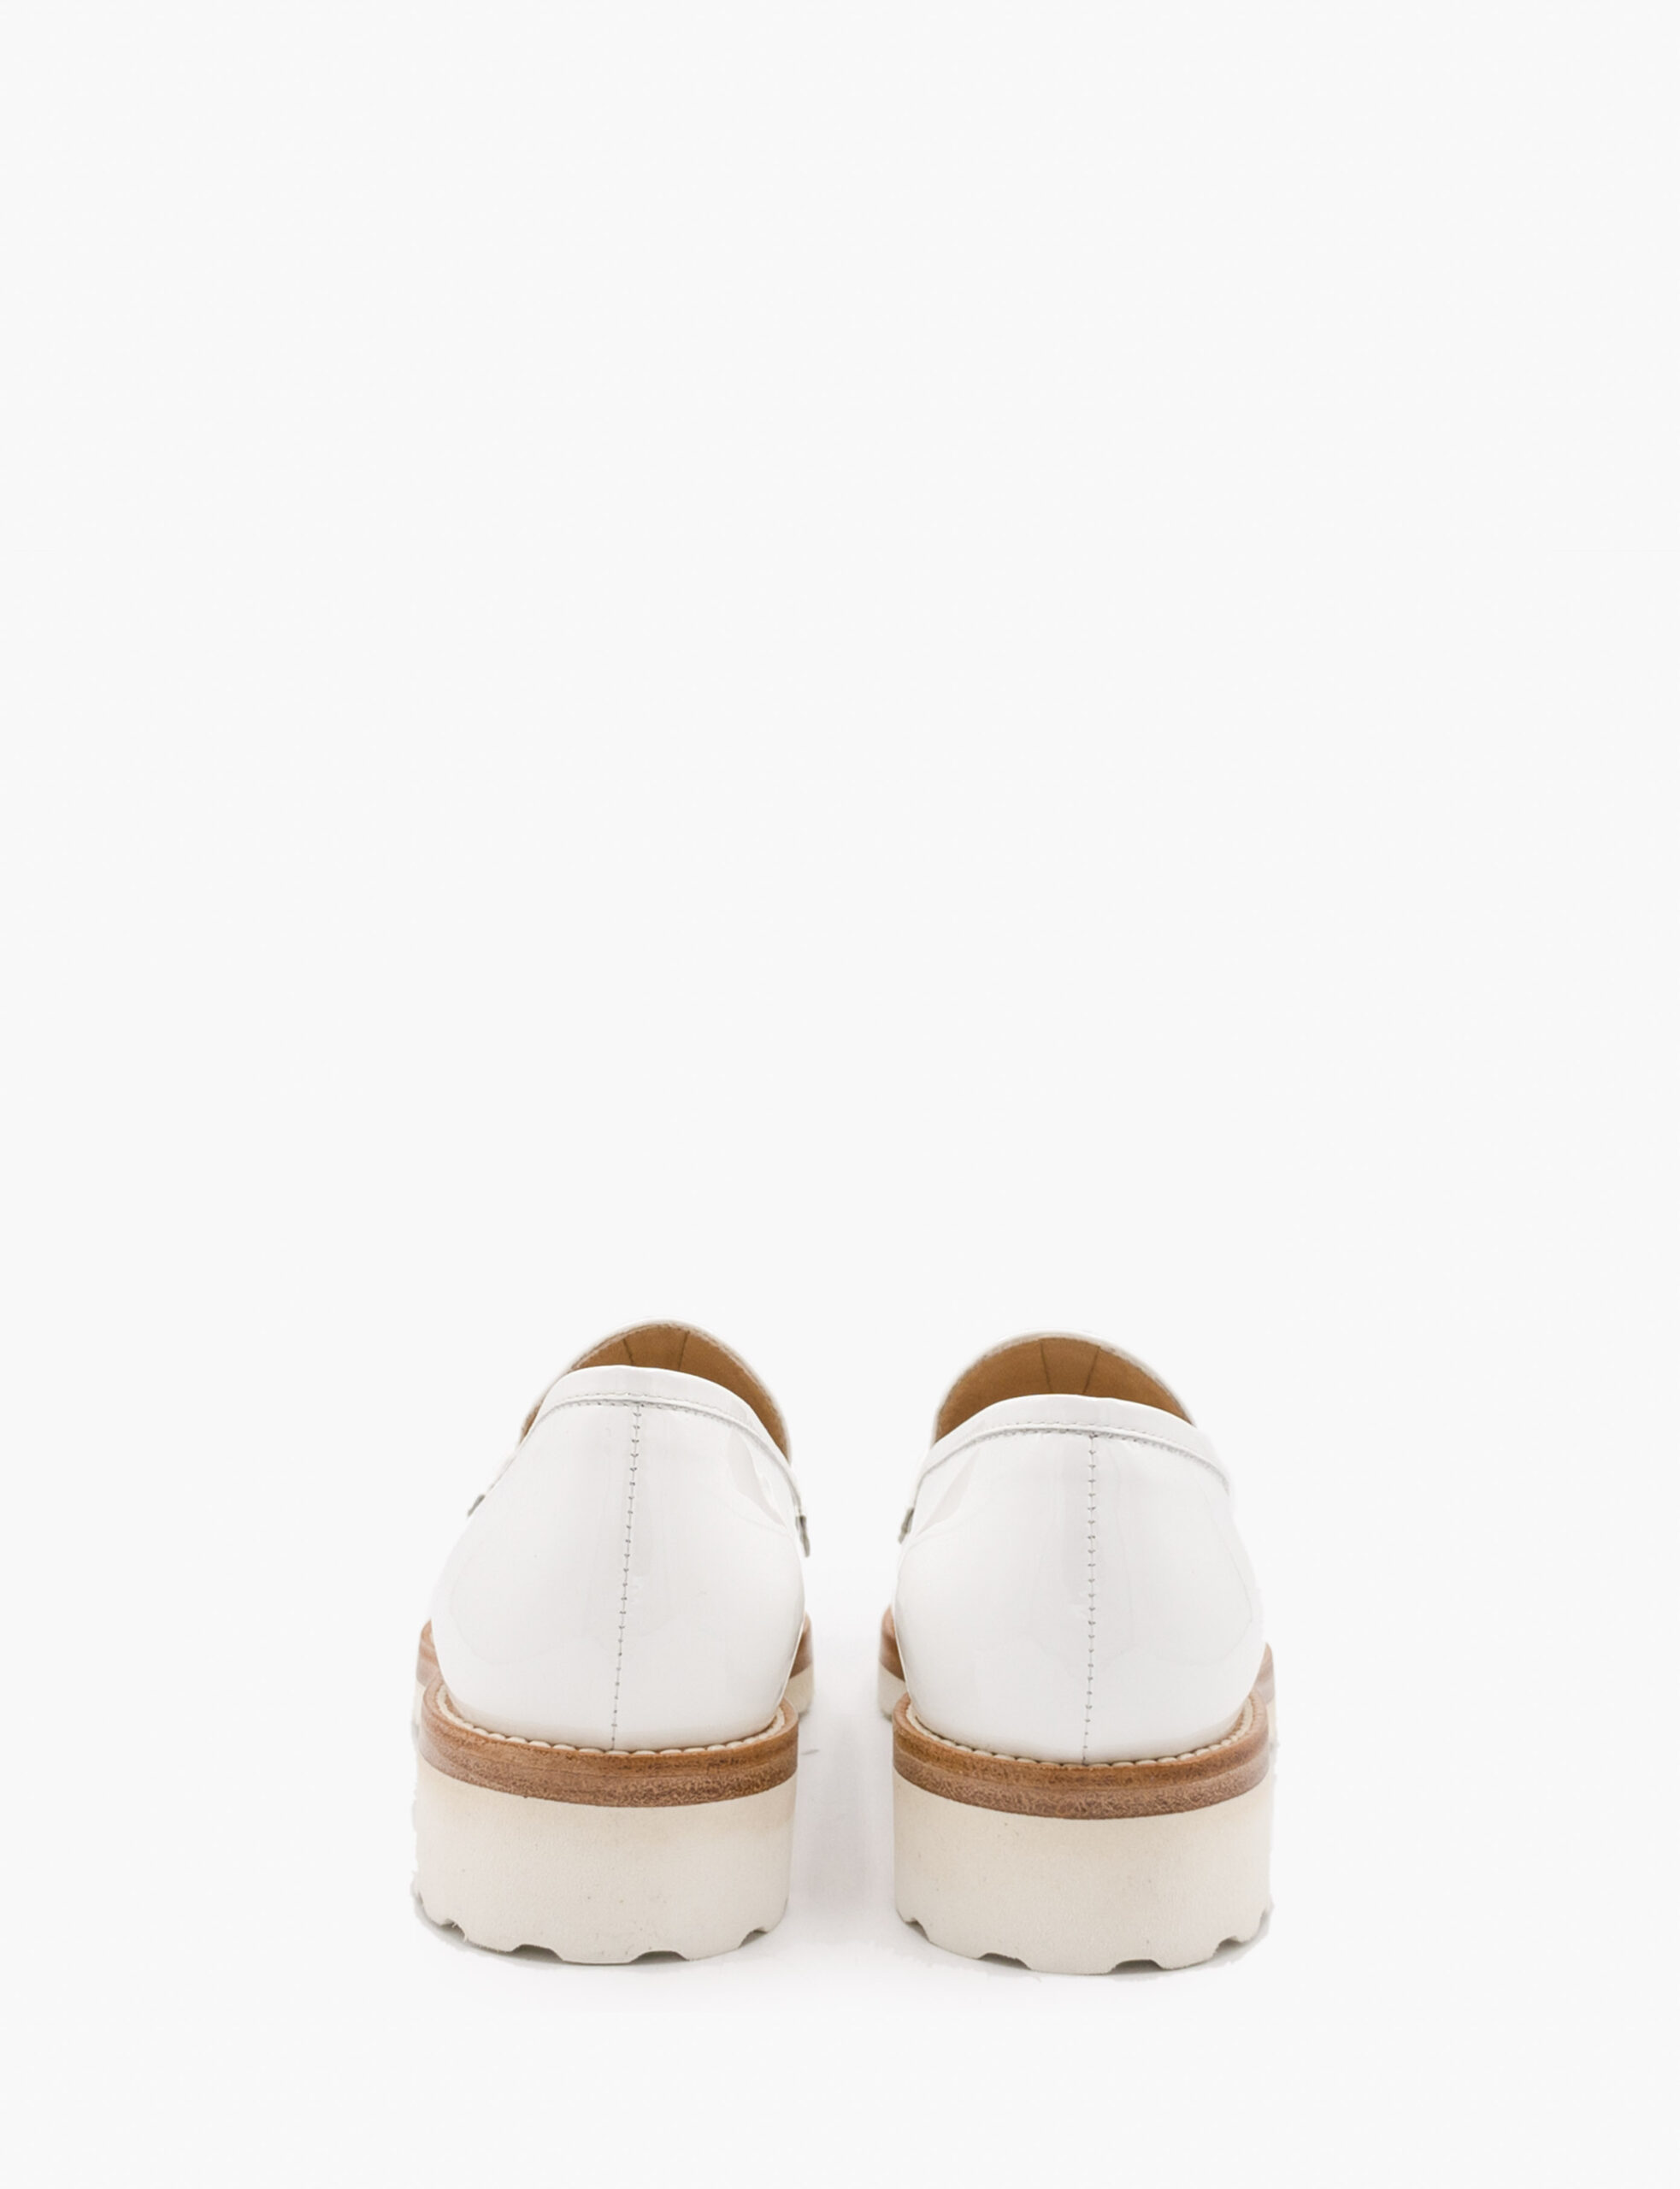 GEMMA5025-WHITE